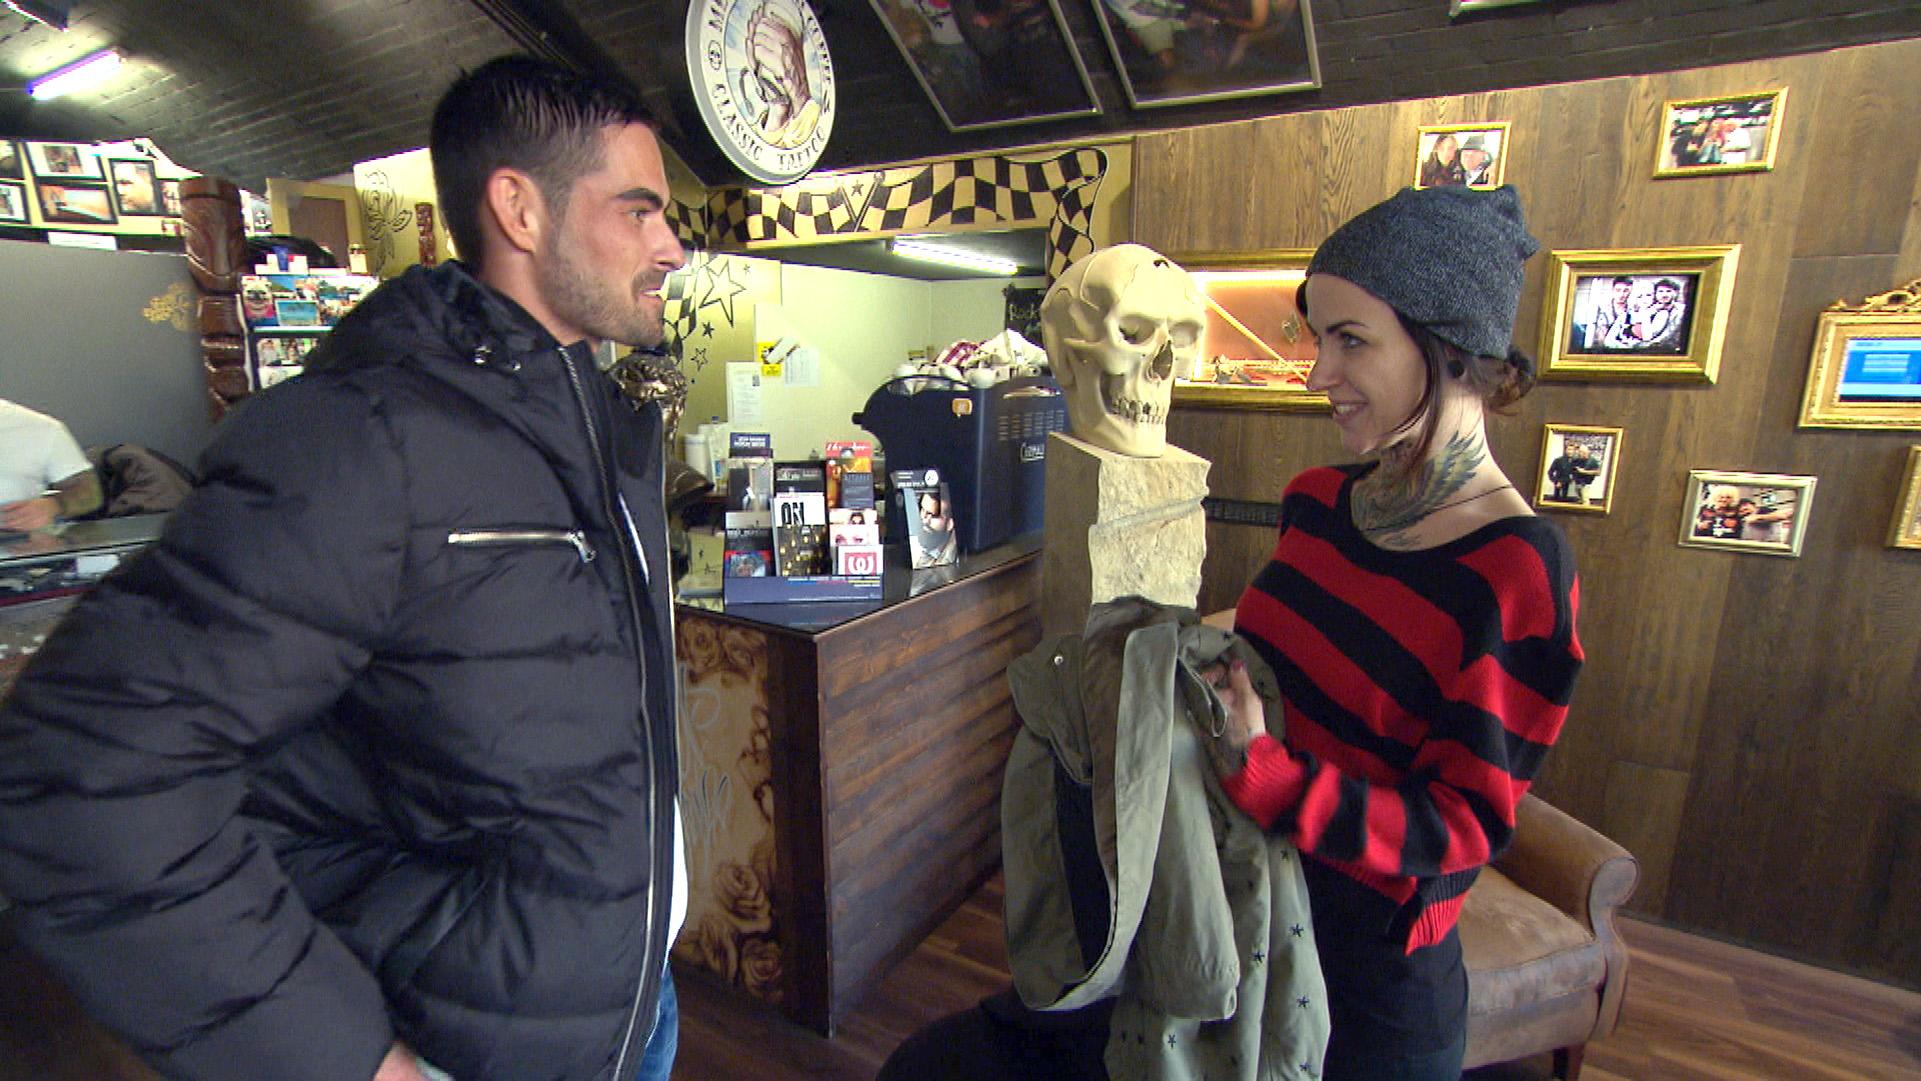 Auf der Arbeit erhält Caro unerwartet Besuch von Jeremy, der gerne den Vierer von letzter Woche ohne Niklas und seine Freundin wiederholen würde.. (Quelle: RTL 2)